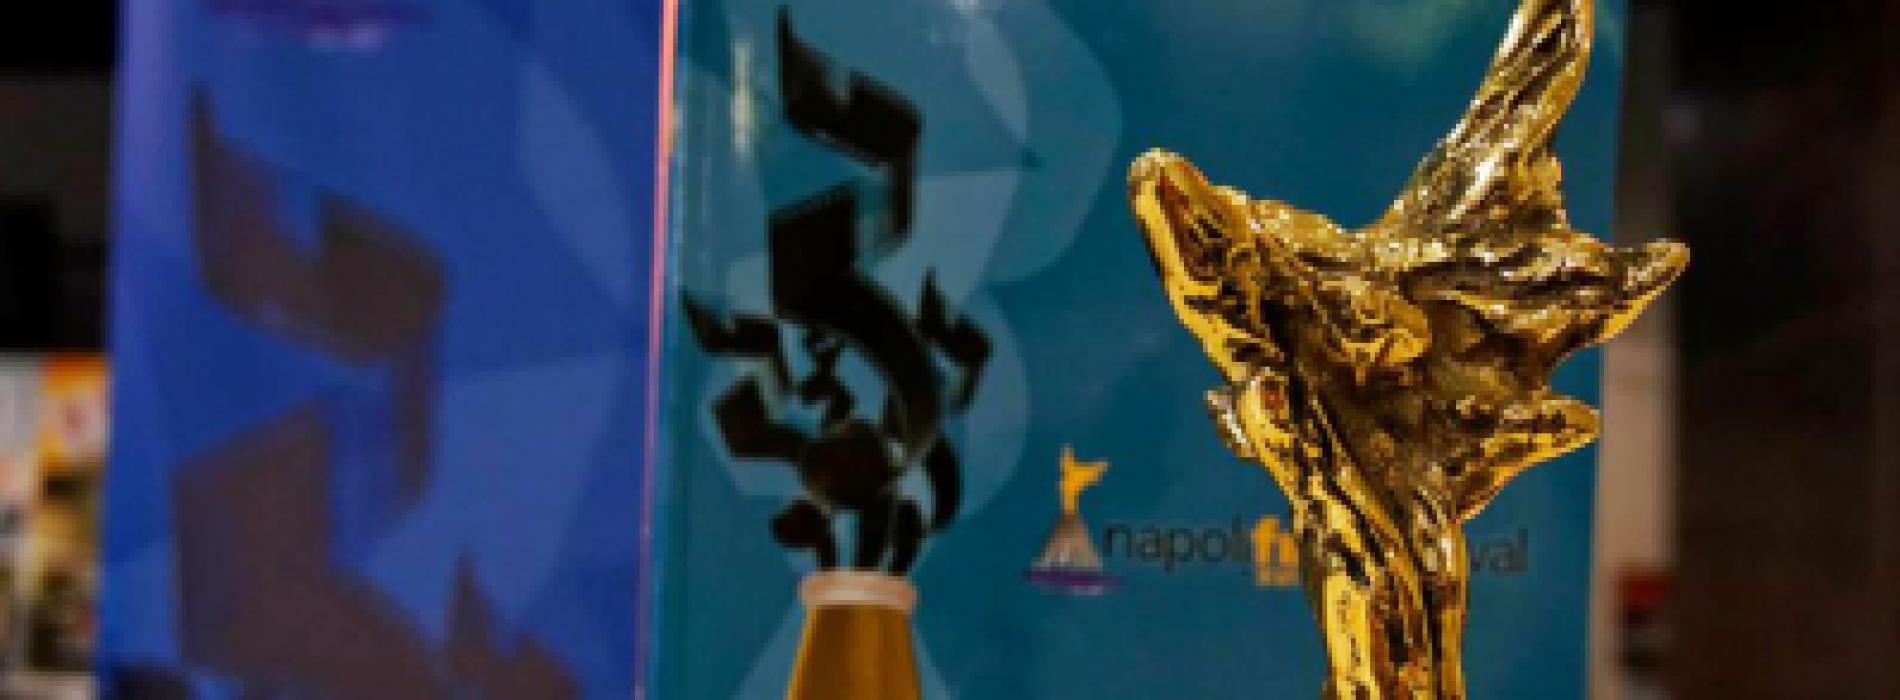 Napoli Film Festival, fuga dalle emarginazioni